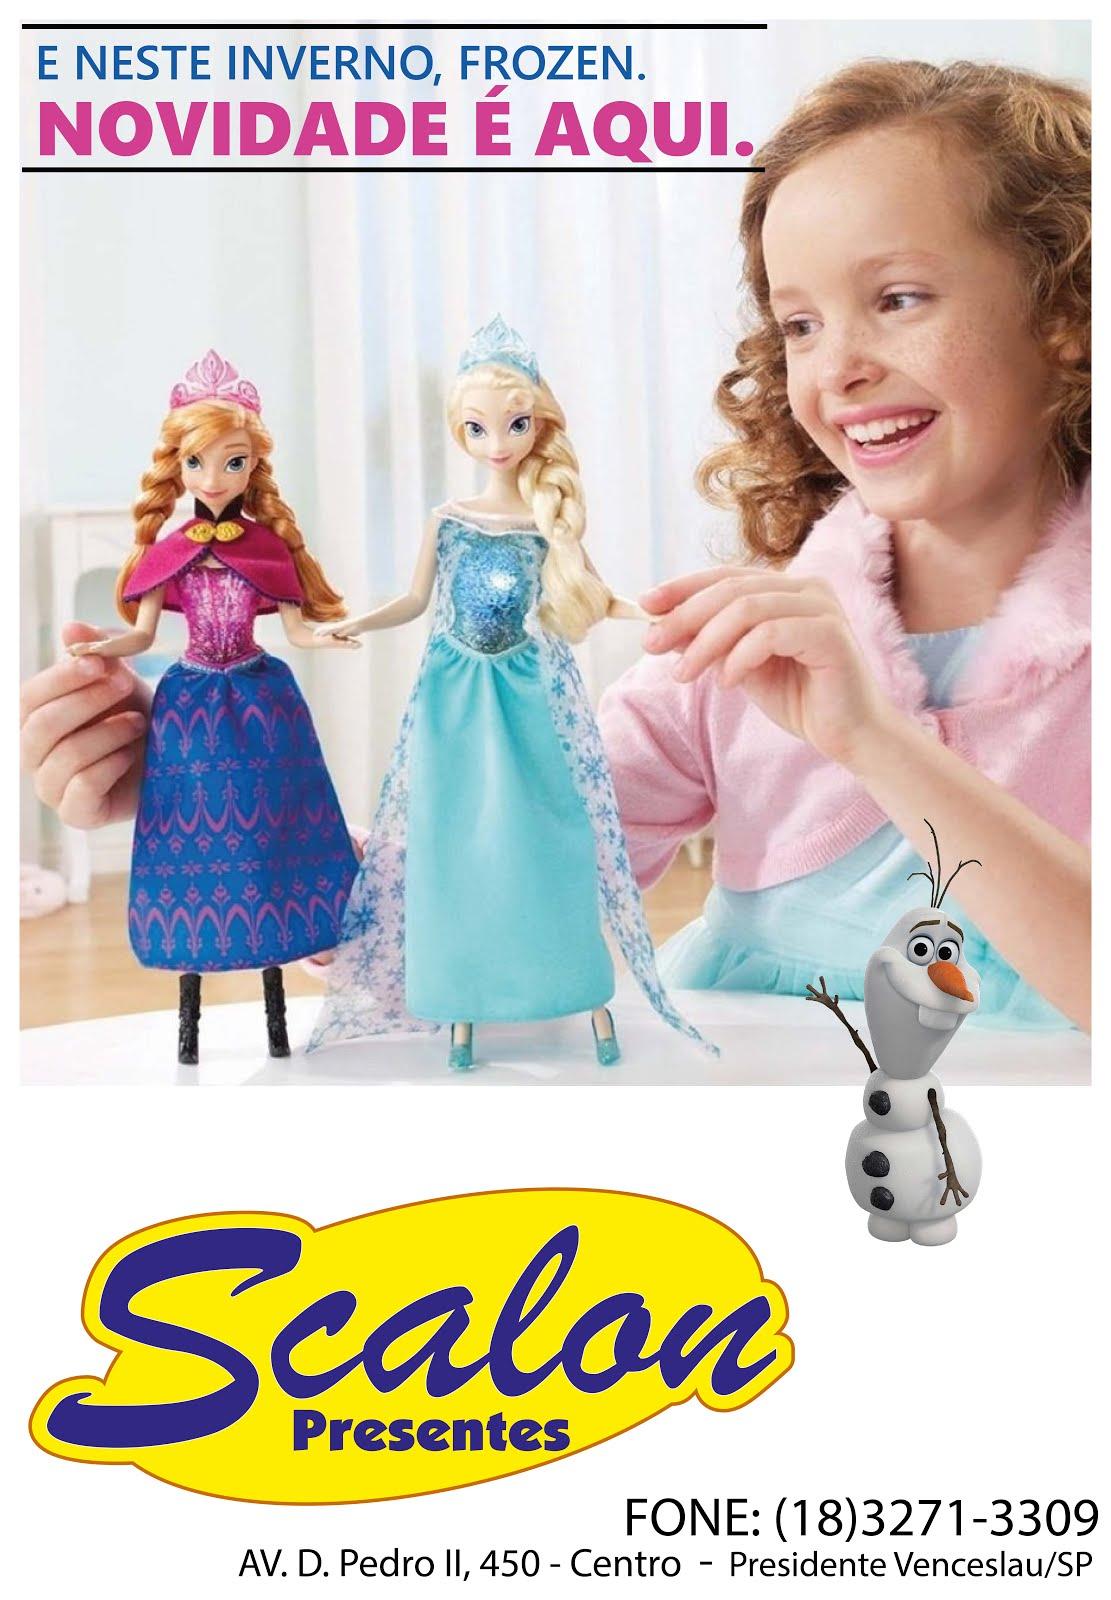 Scalon Presentes